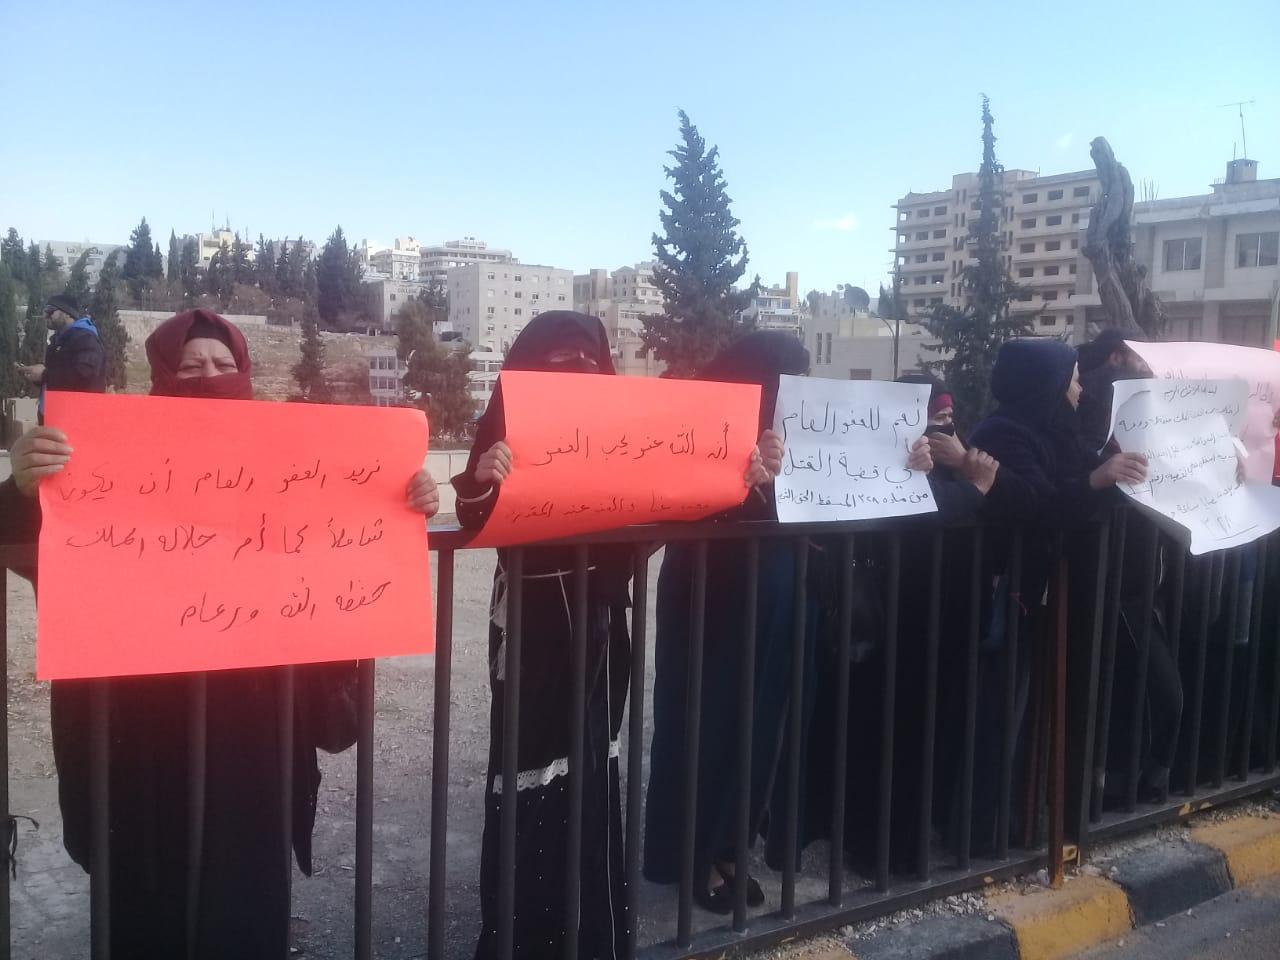 """اعتصام أمام """"النواب"""" للمطالبة بالتوسع في العفو العام -(تصوير: أسامة الرفاعي)"""